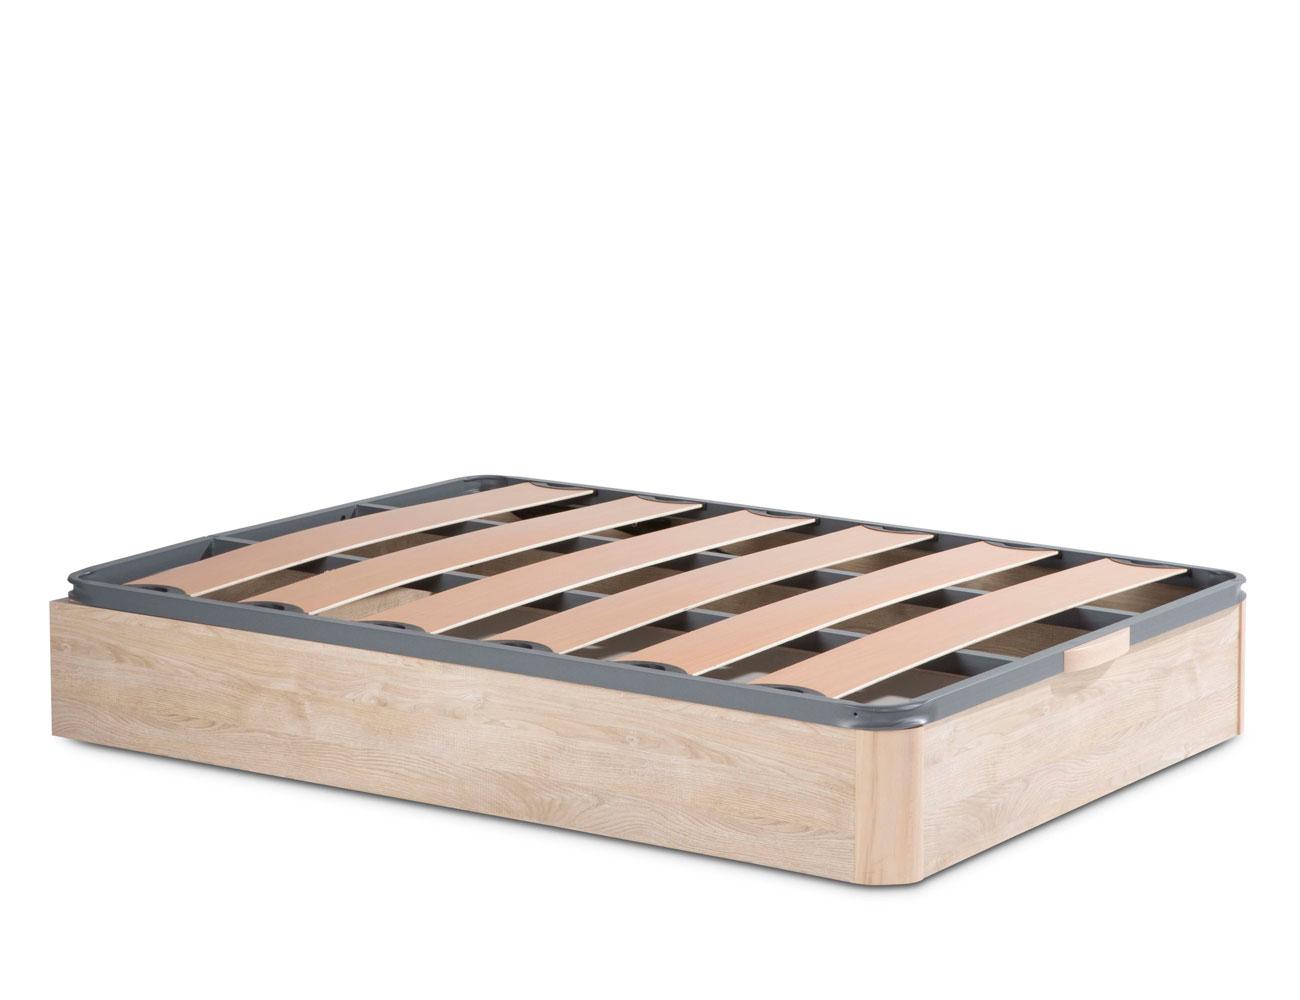 Canape madera somier laminas pvc 781